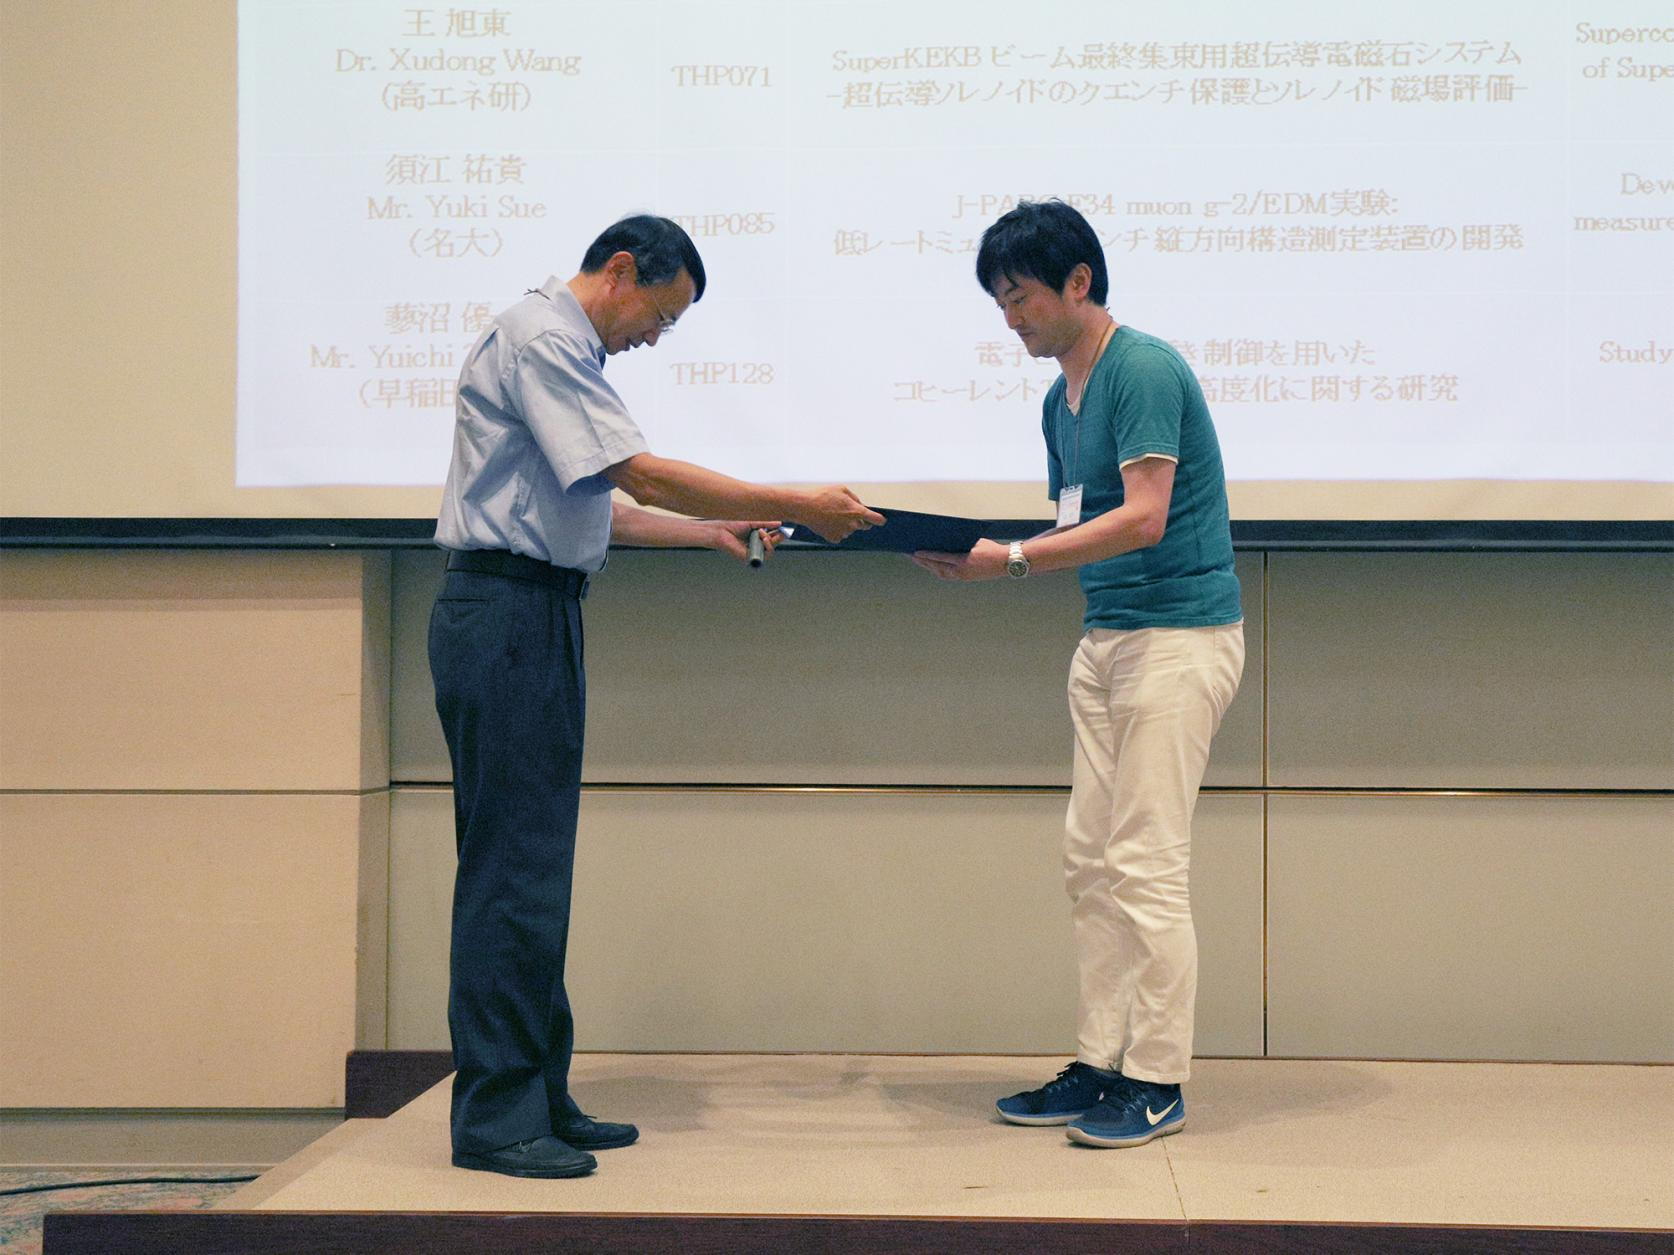 量子科学研究所・量子理工学専攻の住友洋介助手が「第15回日本加速器学会年会」において、第15回年会賞(ポスター部門)を受賞しました。